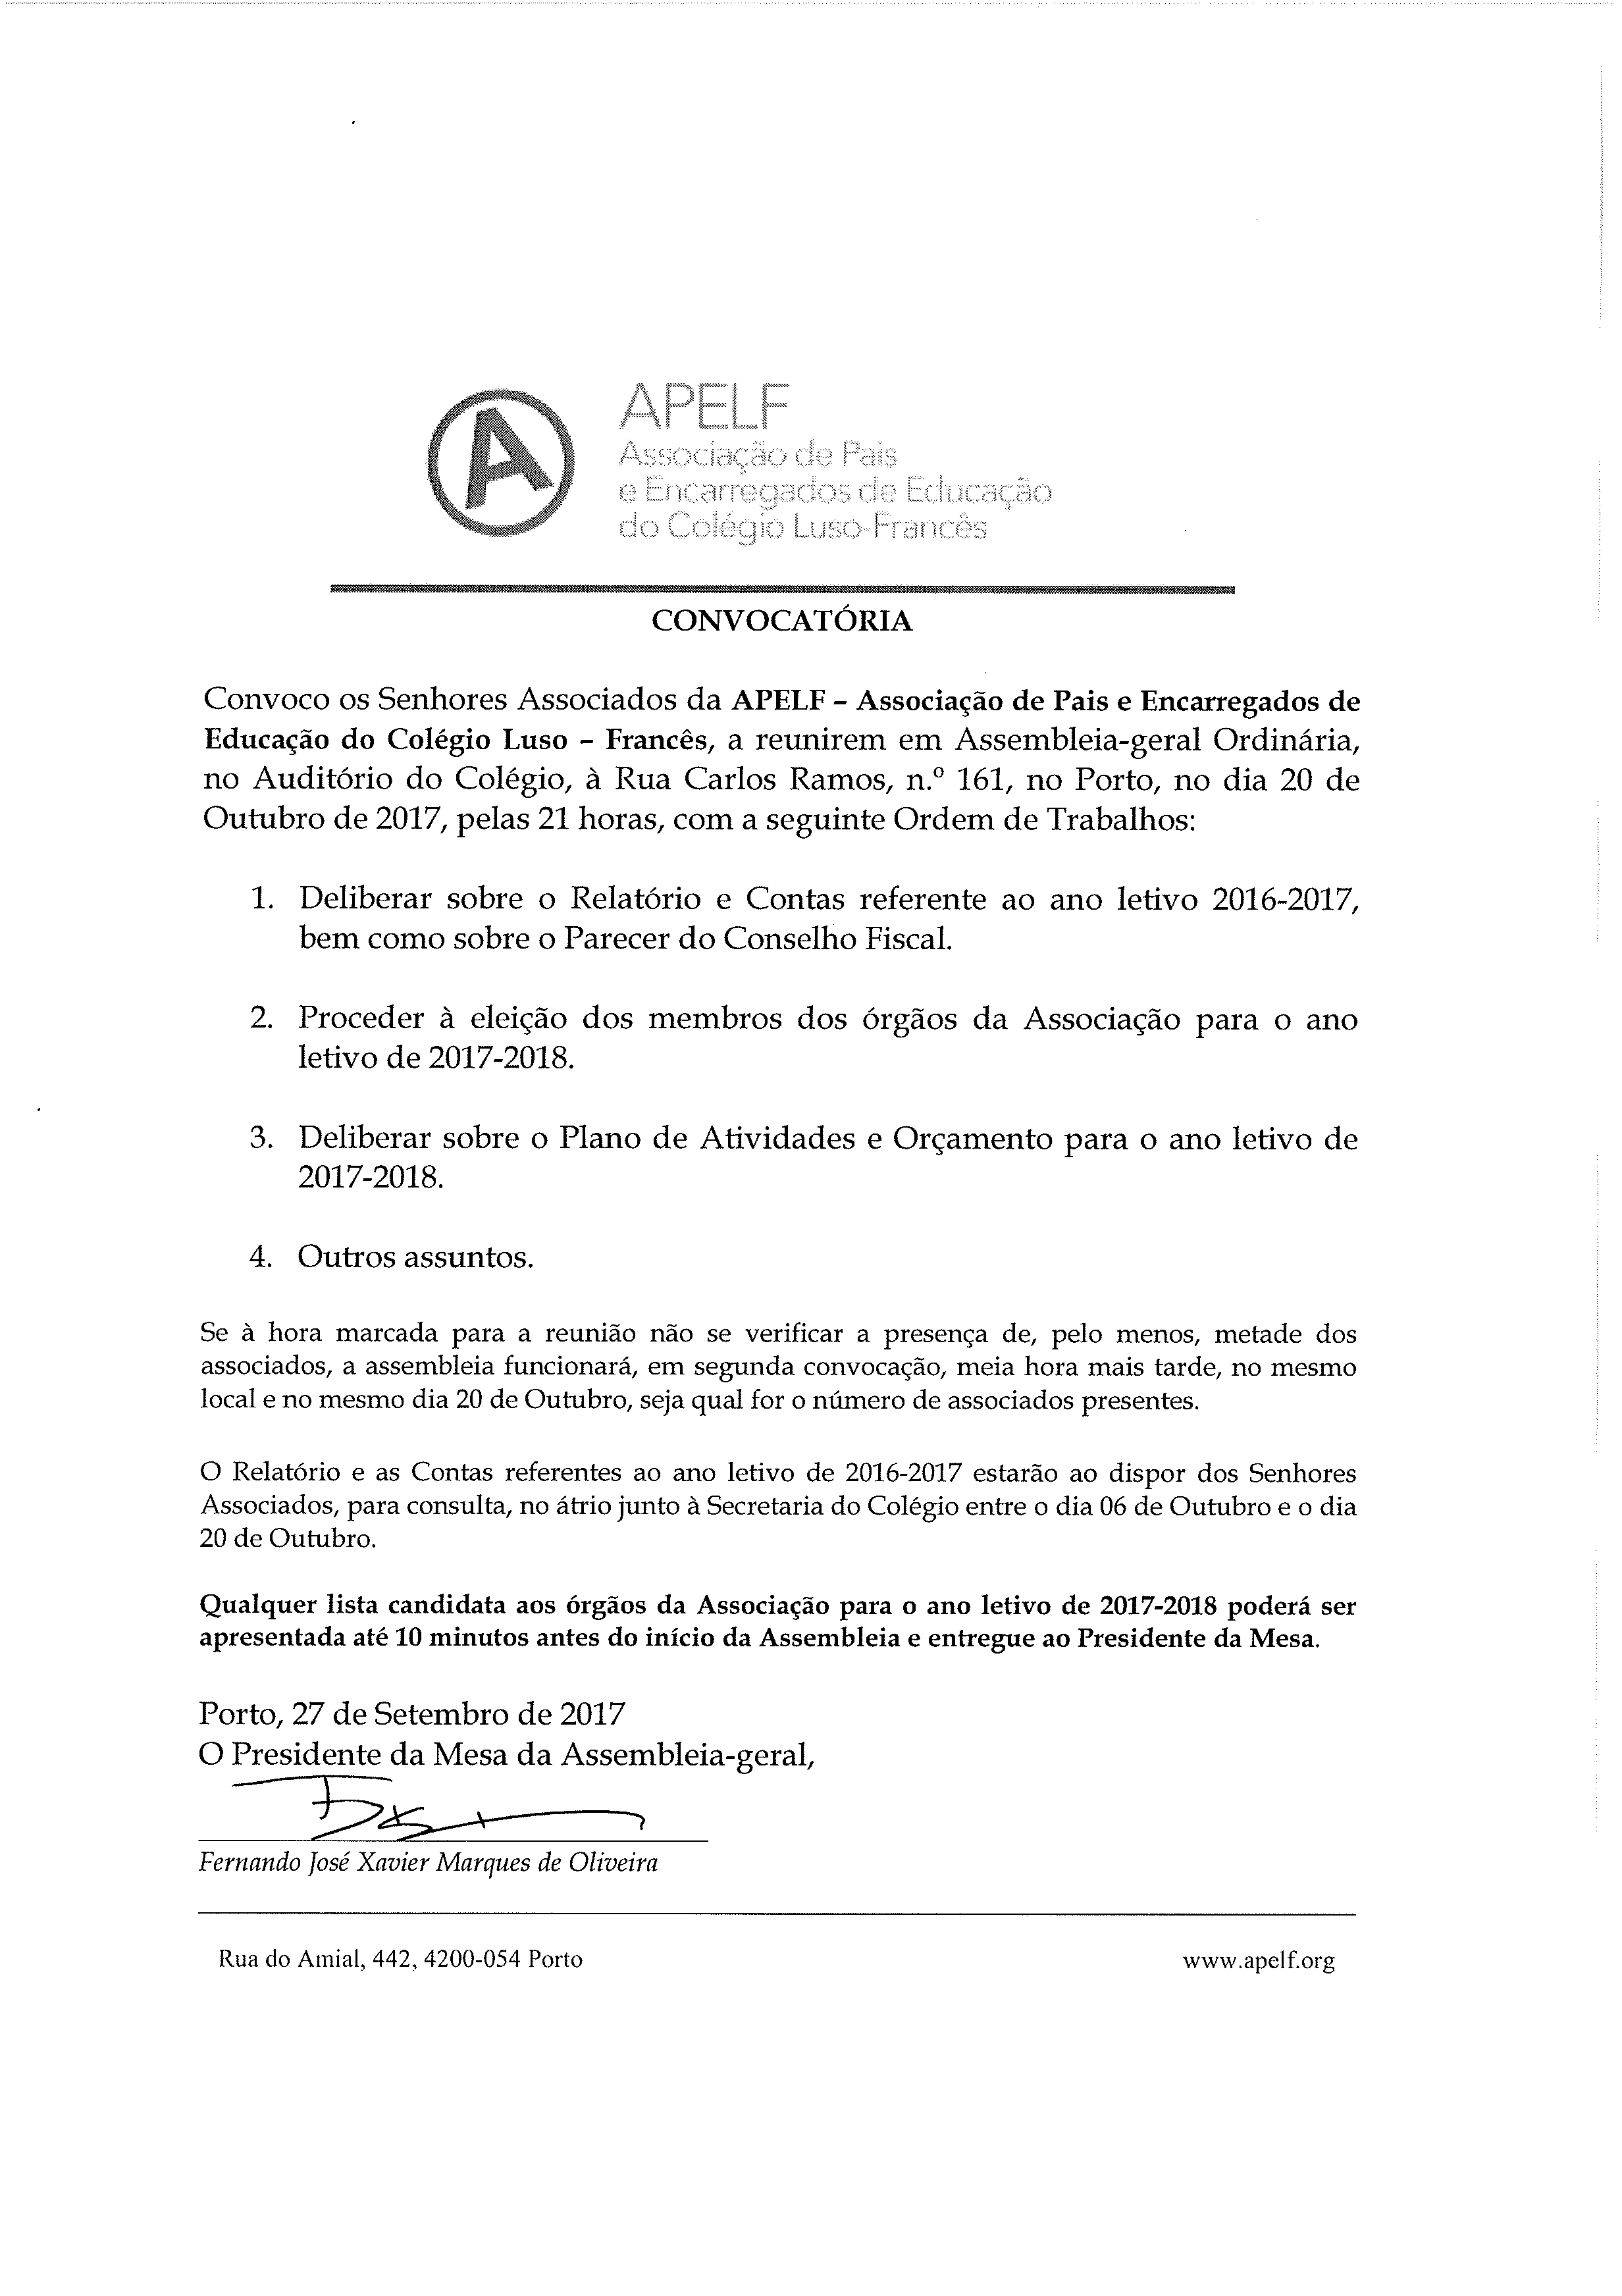 Convocatória de Assembleia Geral da APELF no CLF para o dia 20 de Outubro de 2017 pelas 21H00